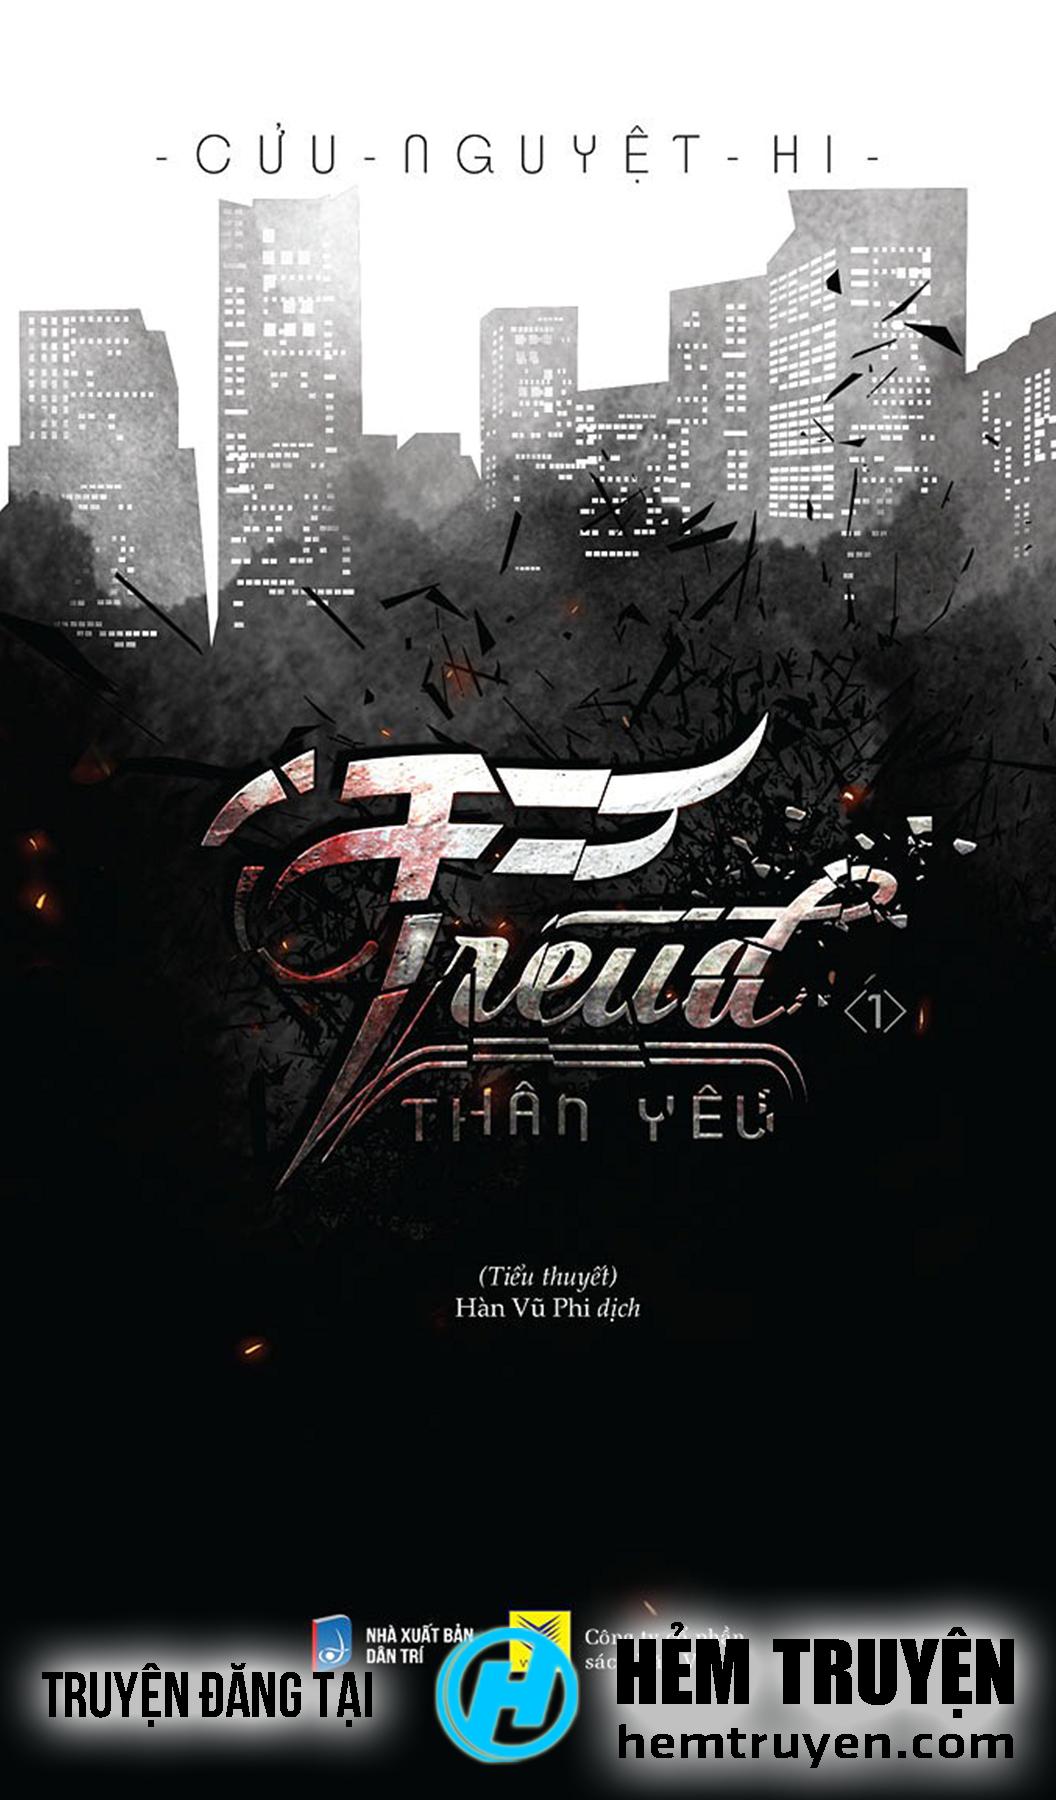 Đọc truyện Freud Thân Yêu của Cửu Nguyệt Hi trên HEMTRUYEN.COM